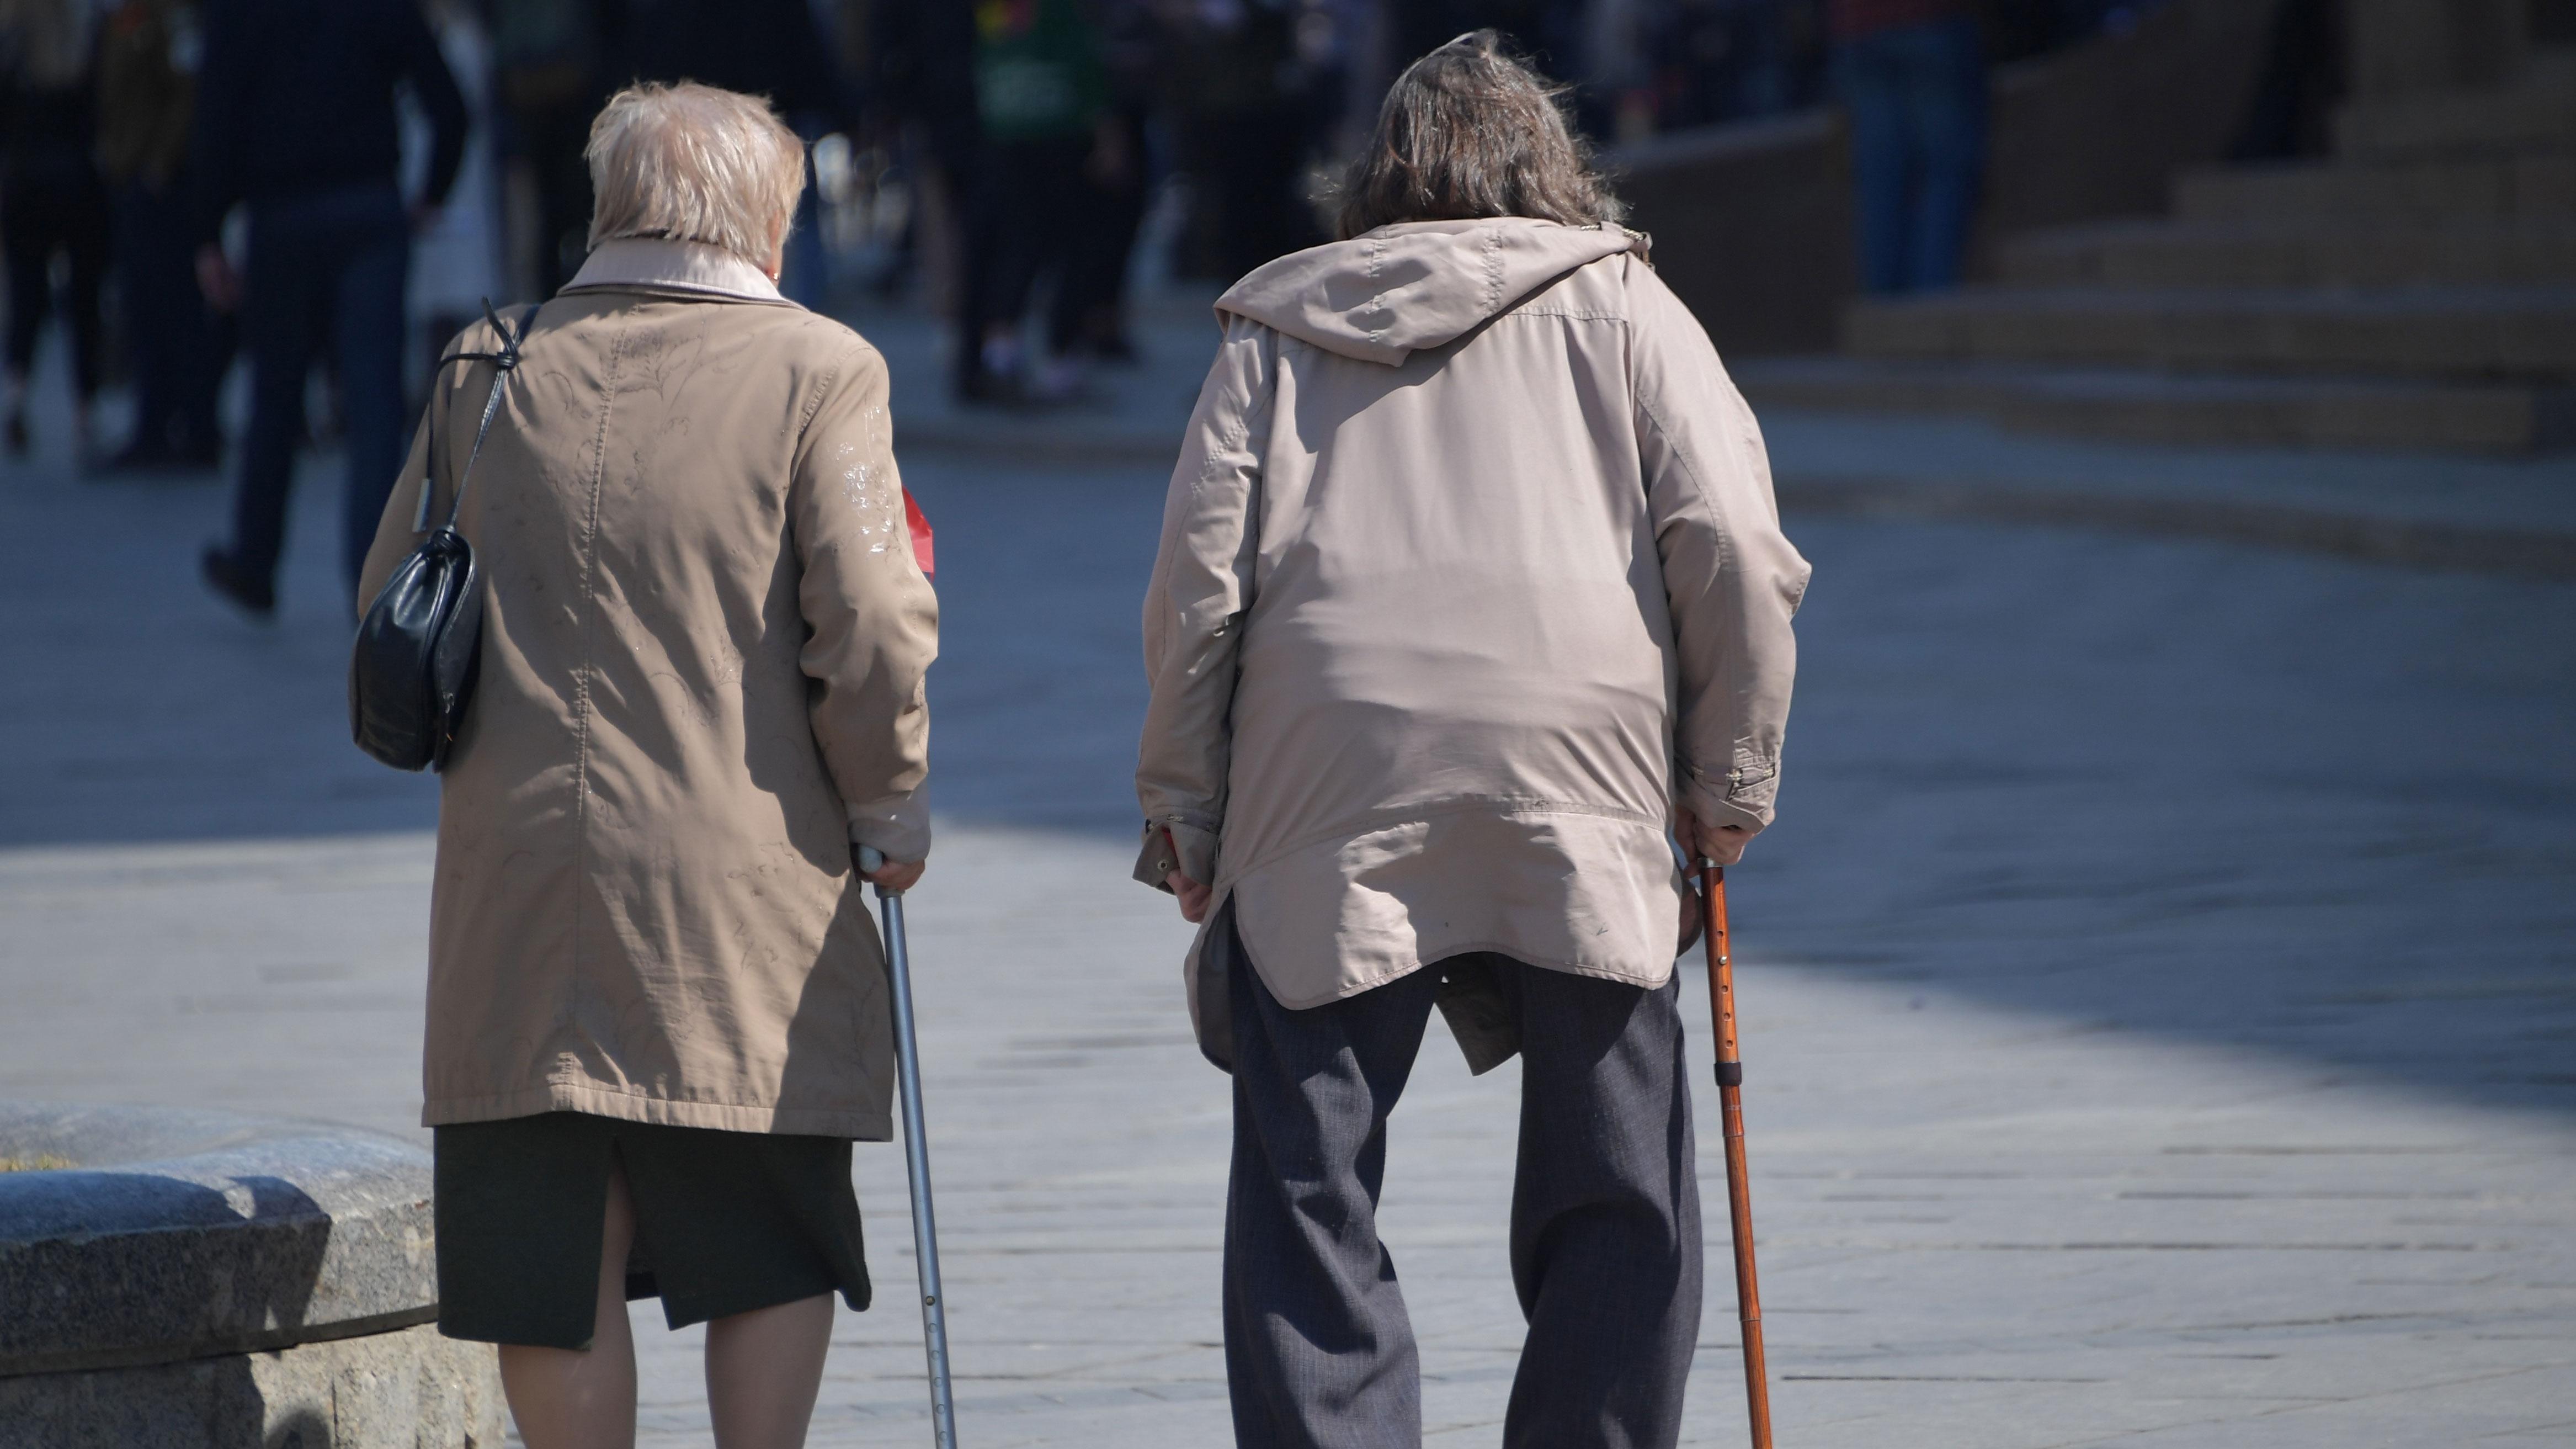 В Башкирии ввели комендантский час для пенсионеров и детей